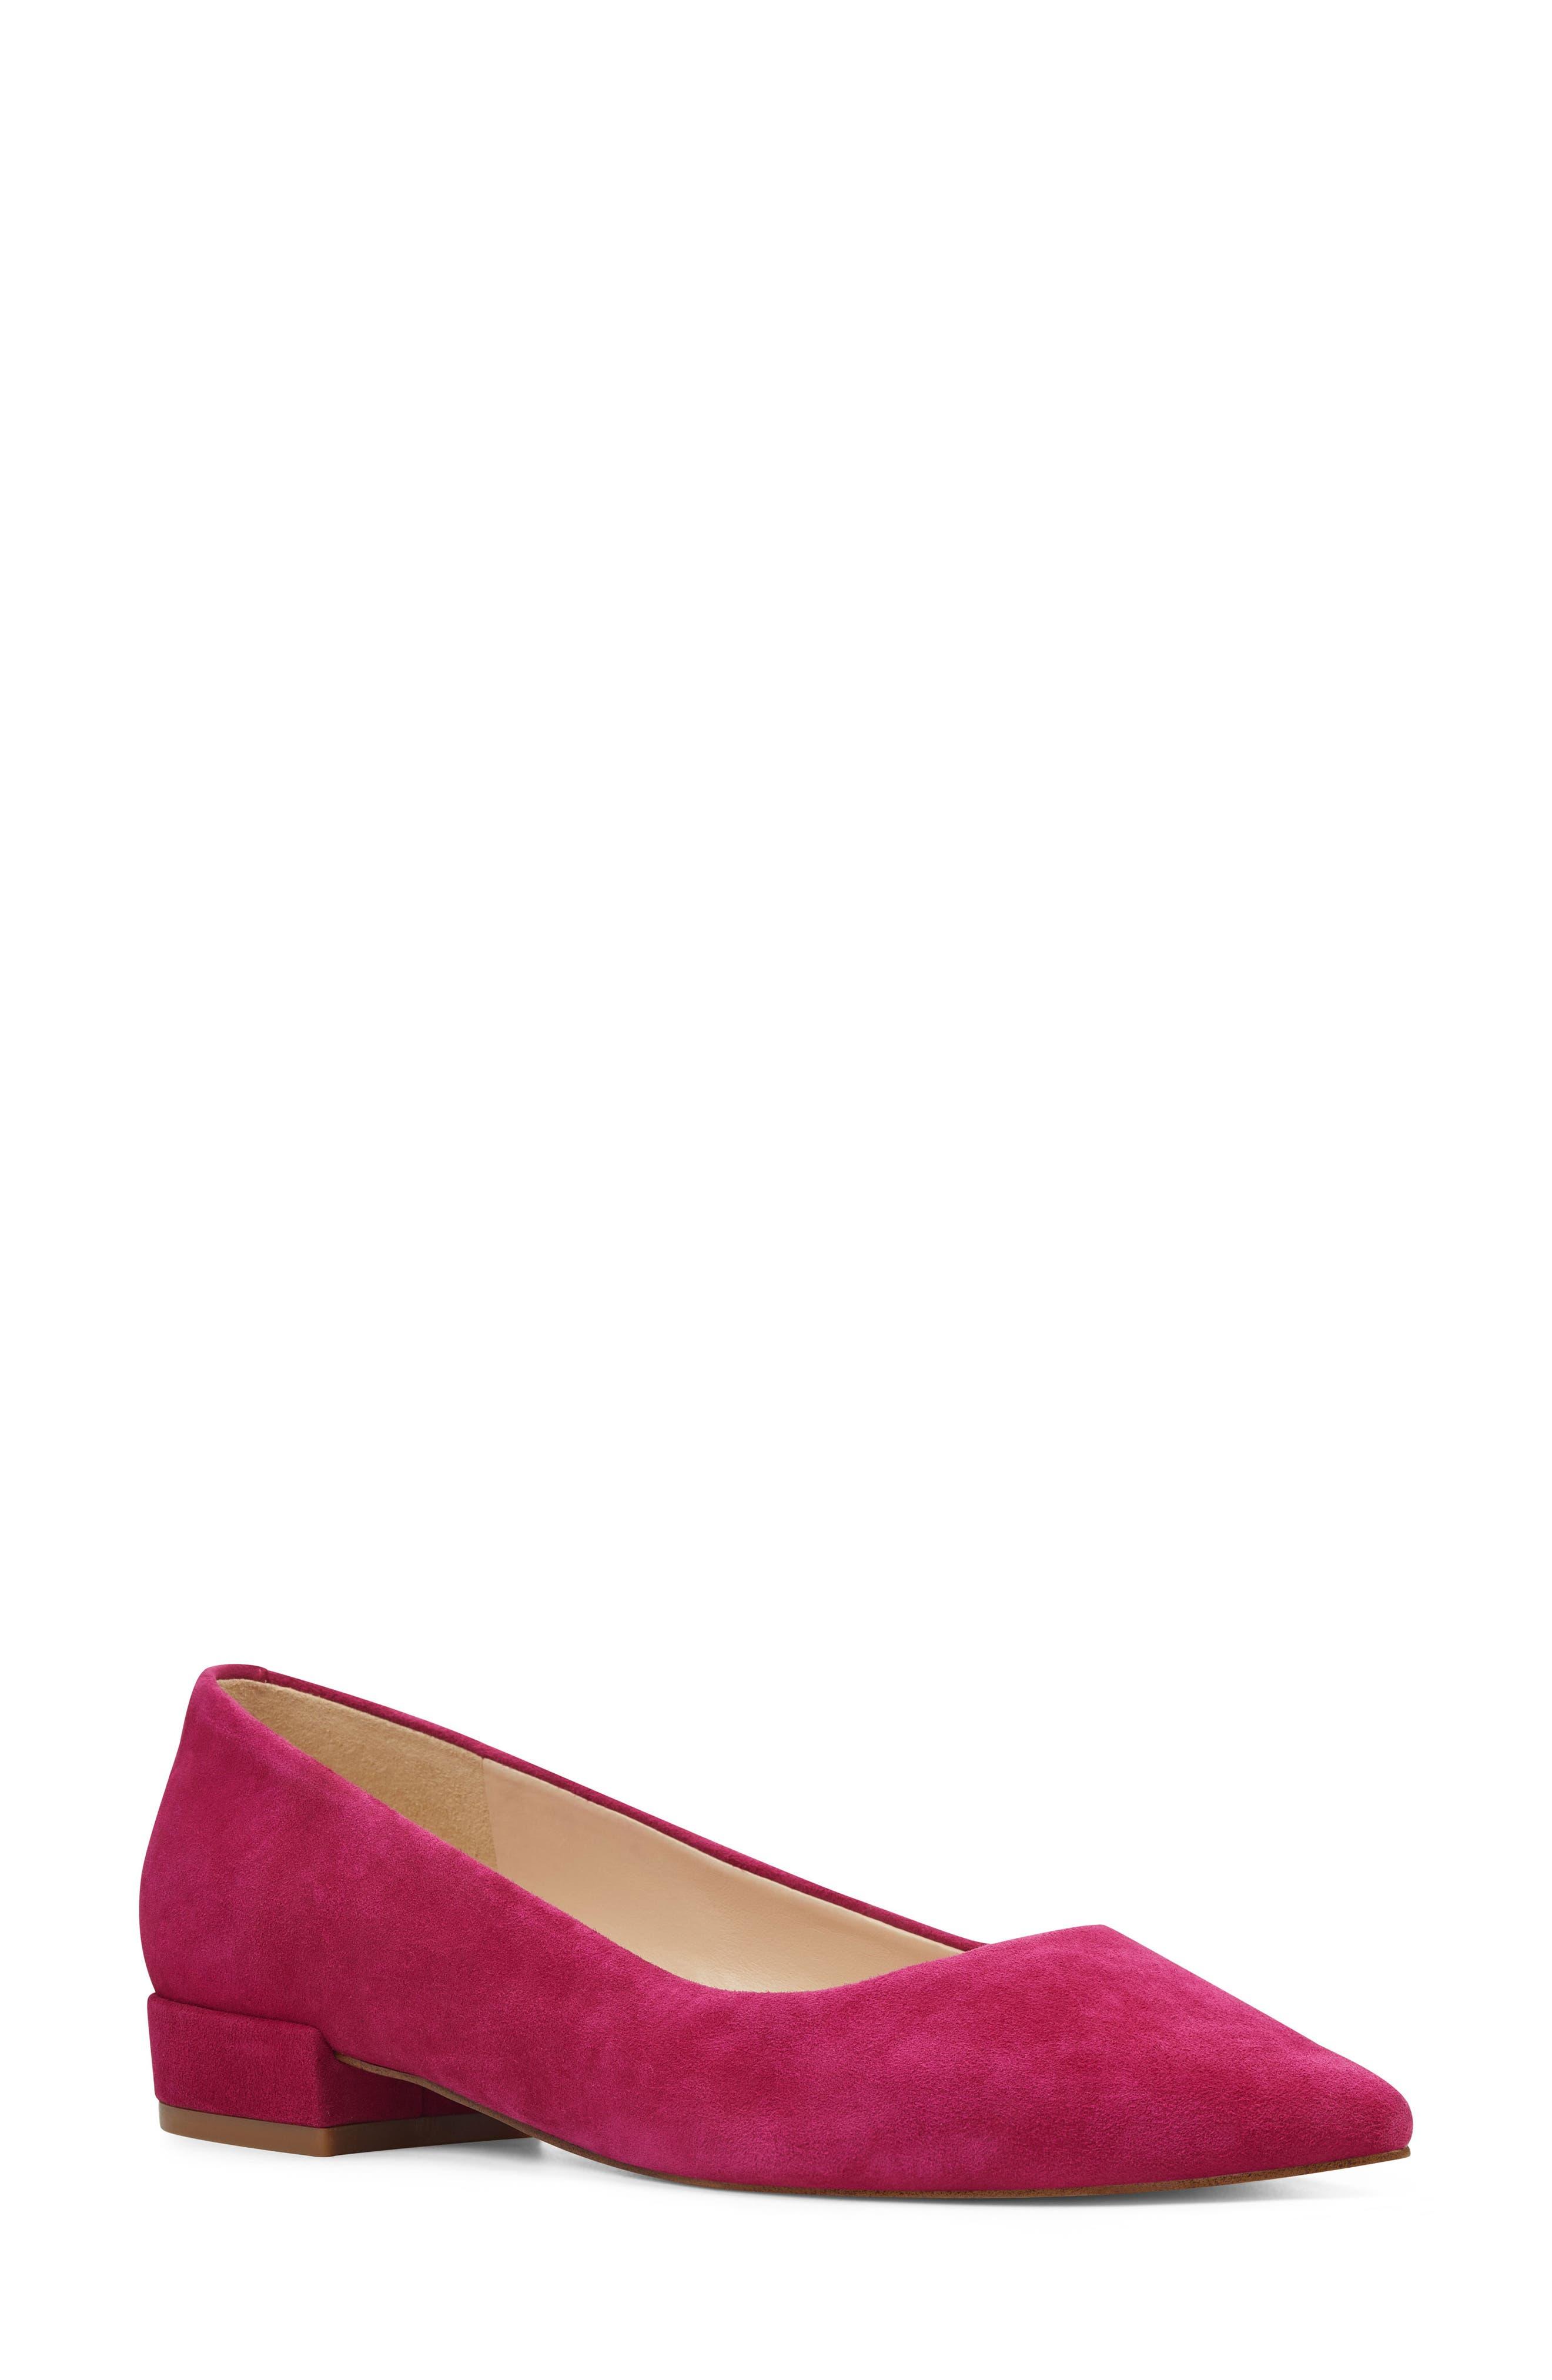 Nine West Fayth Pointy Toe Pump- Pink